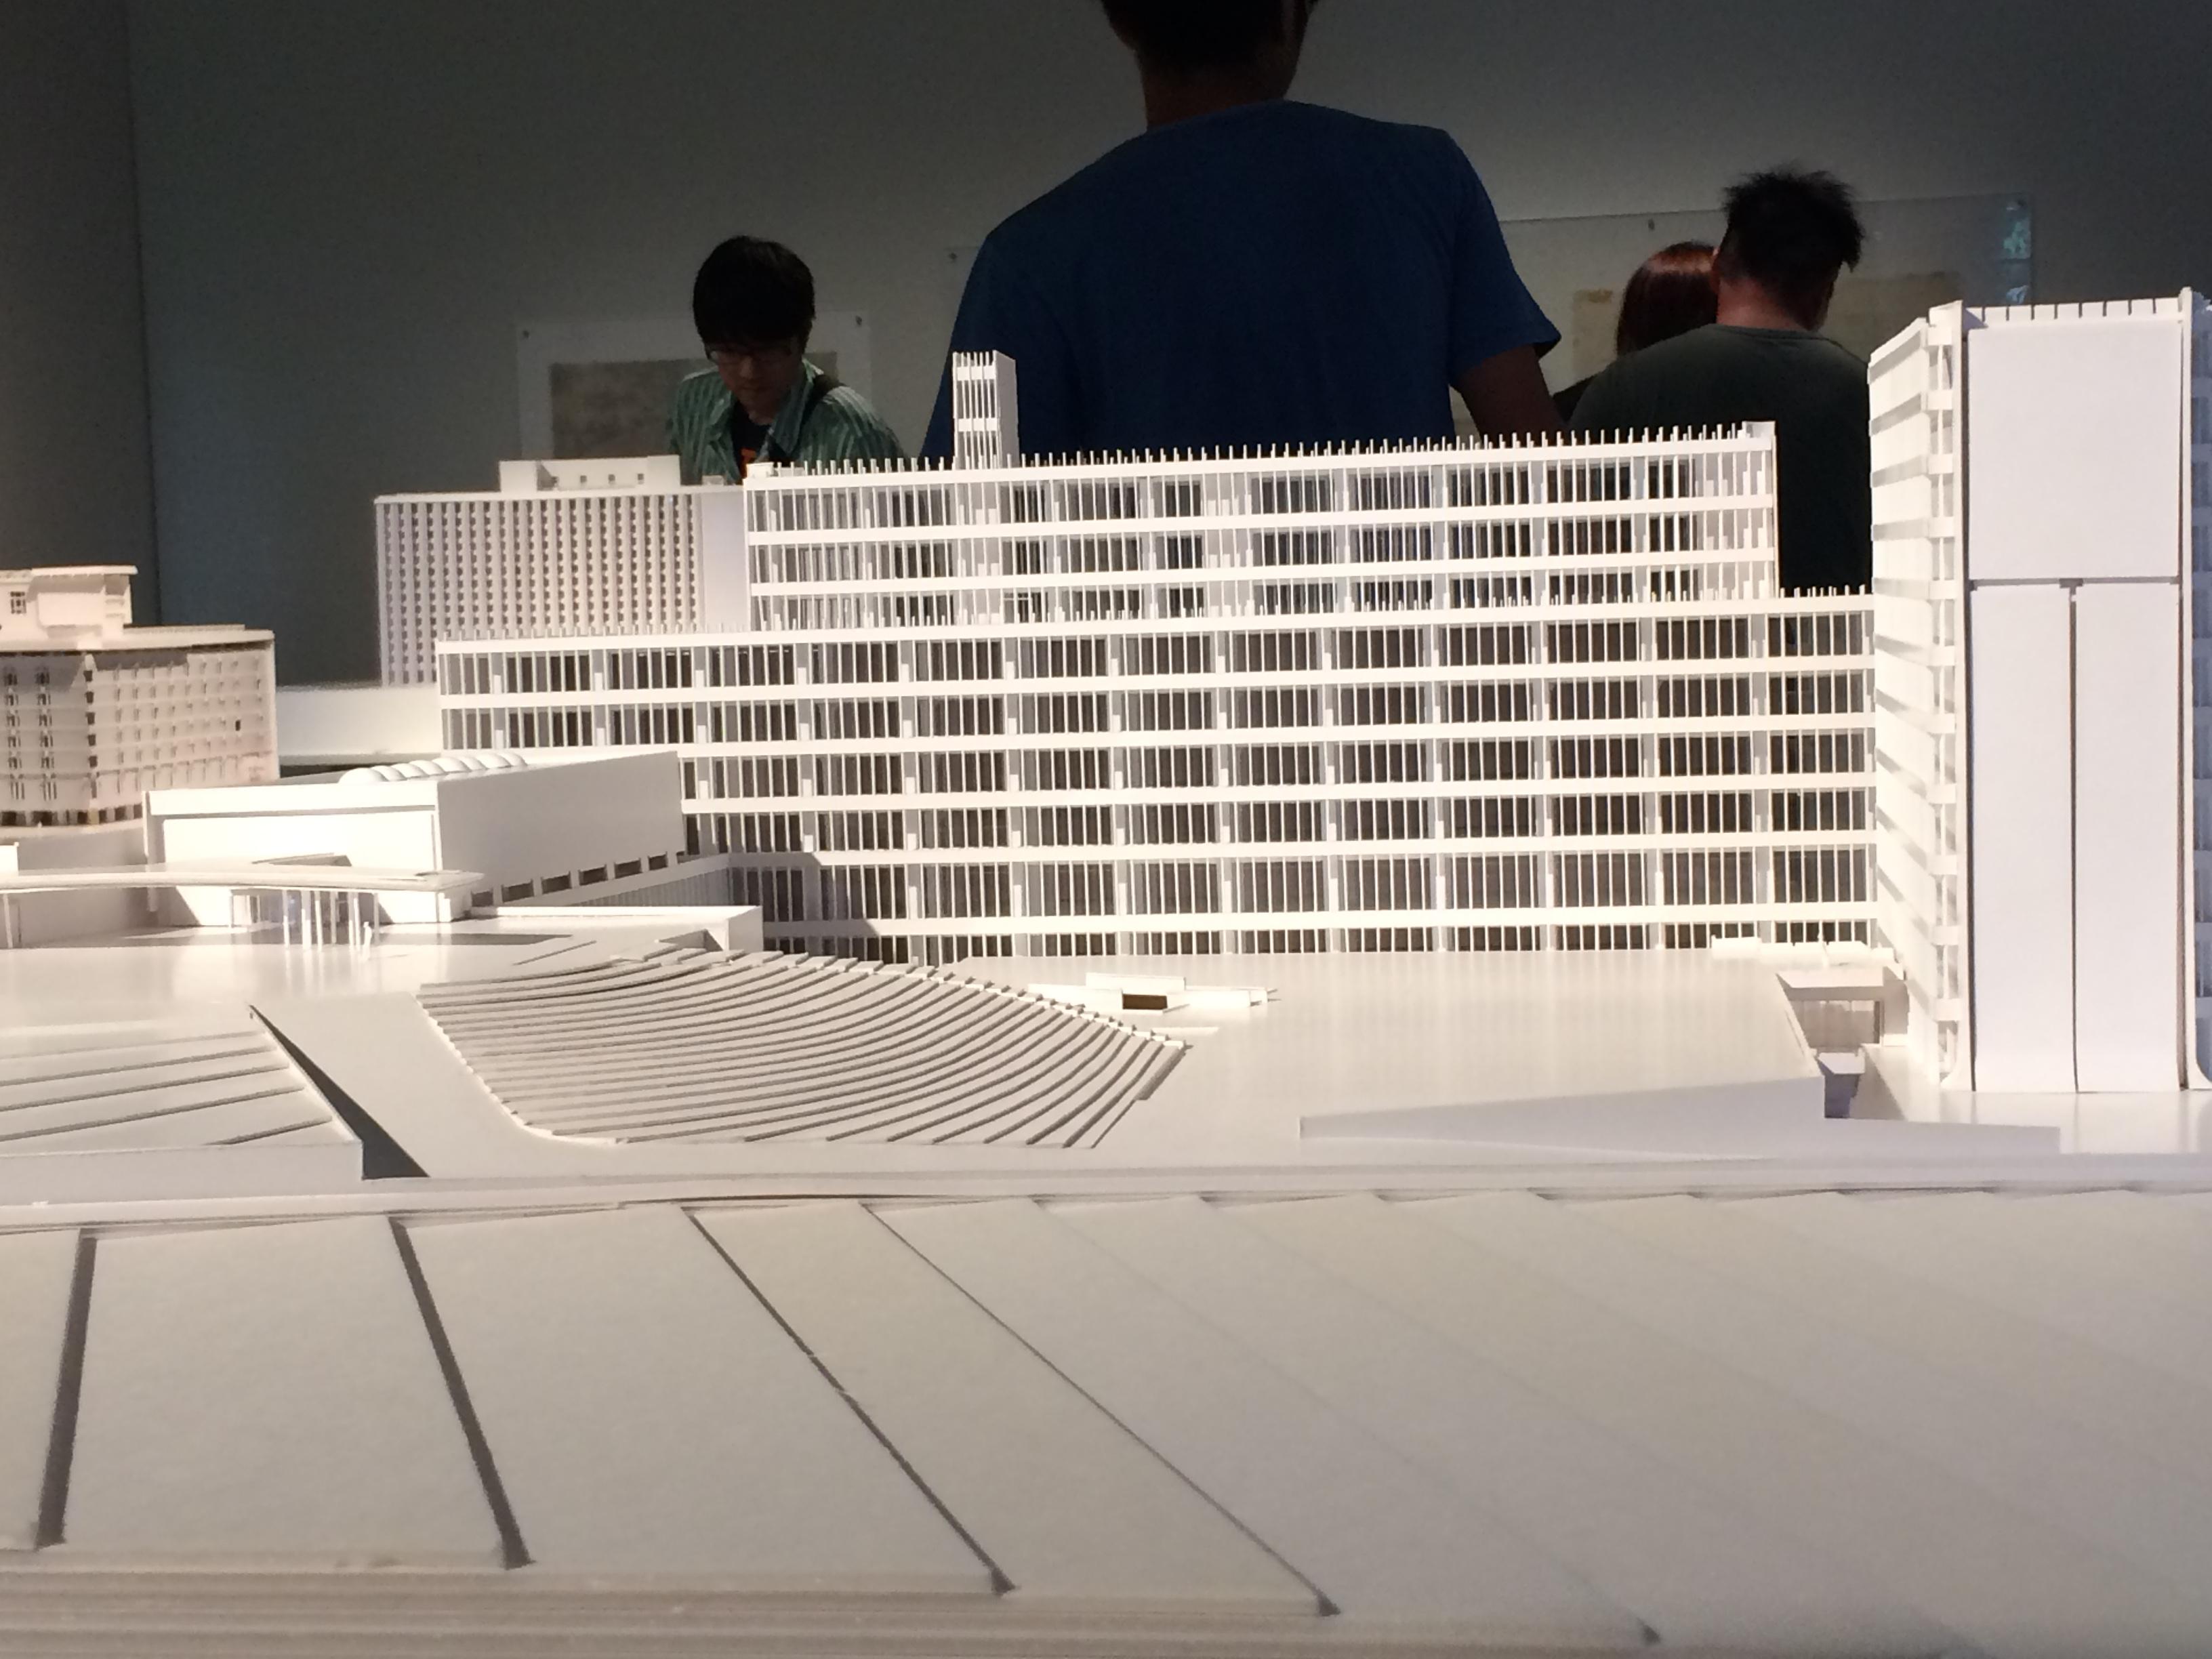 <展覧会> 村野藤吾の建築 —–模型が語る豊饒な世界